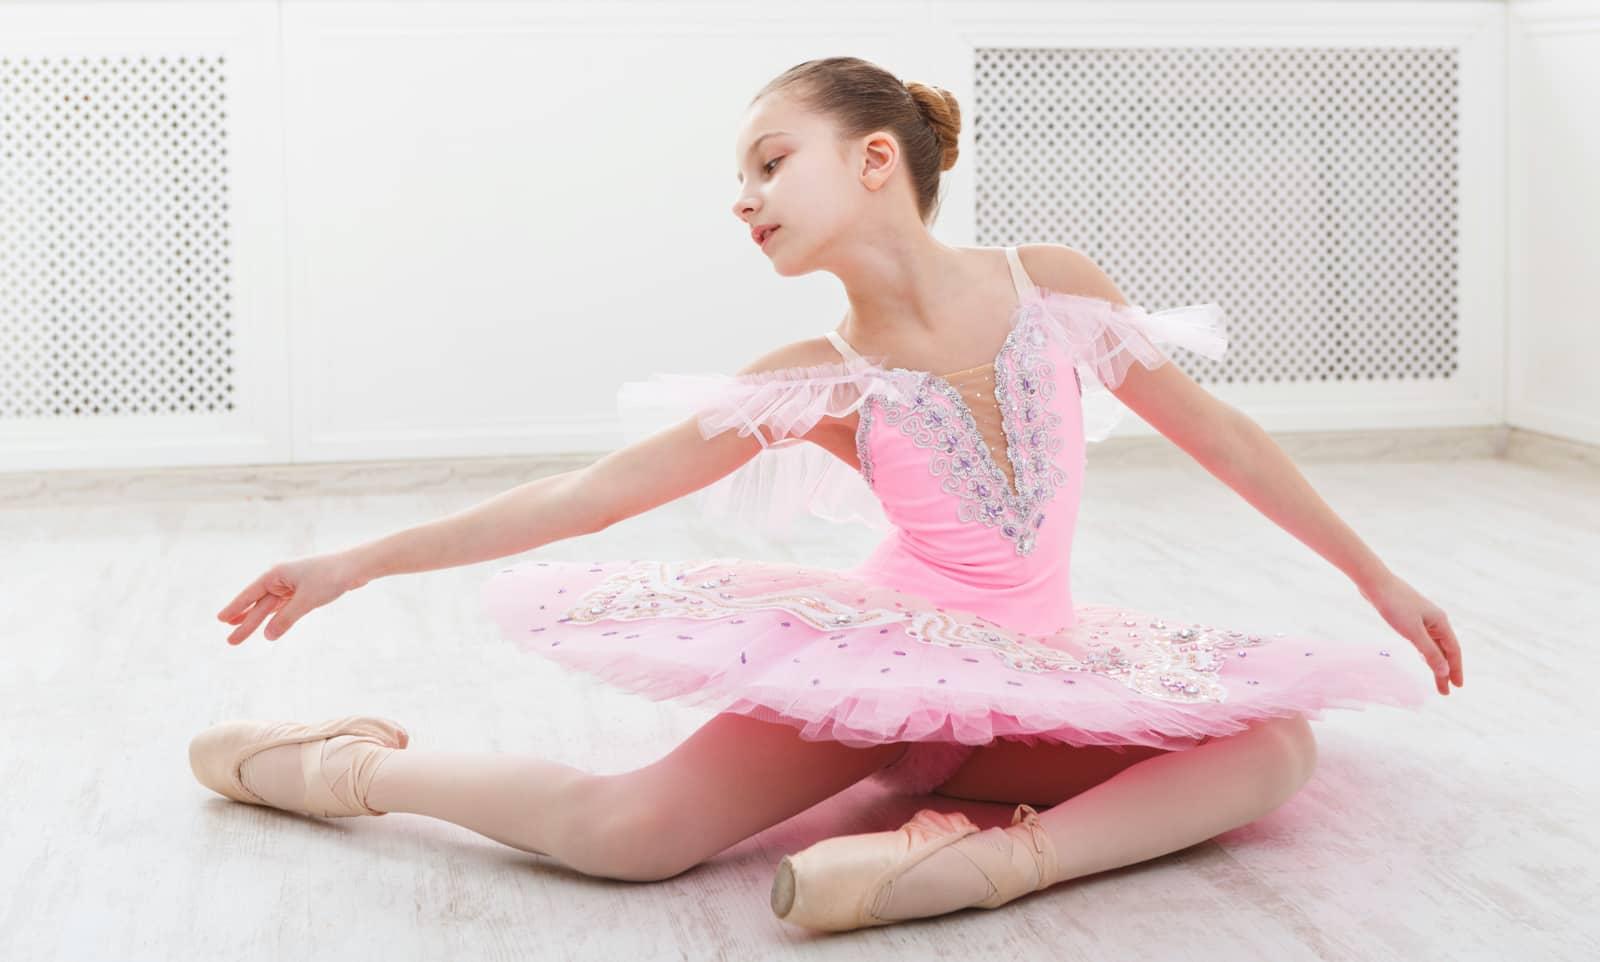 Jong meisje in roze balletpakje op grond in ballethouding